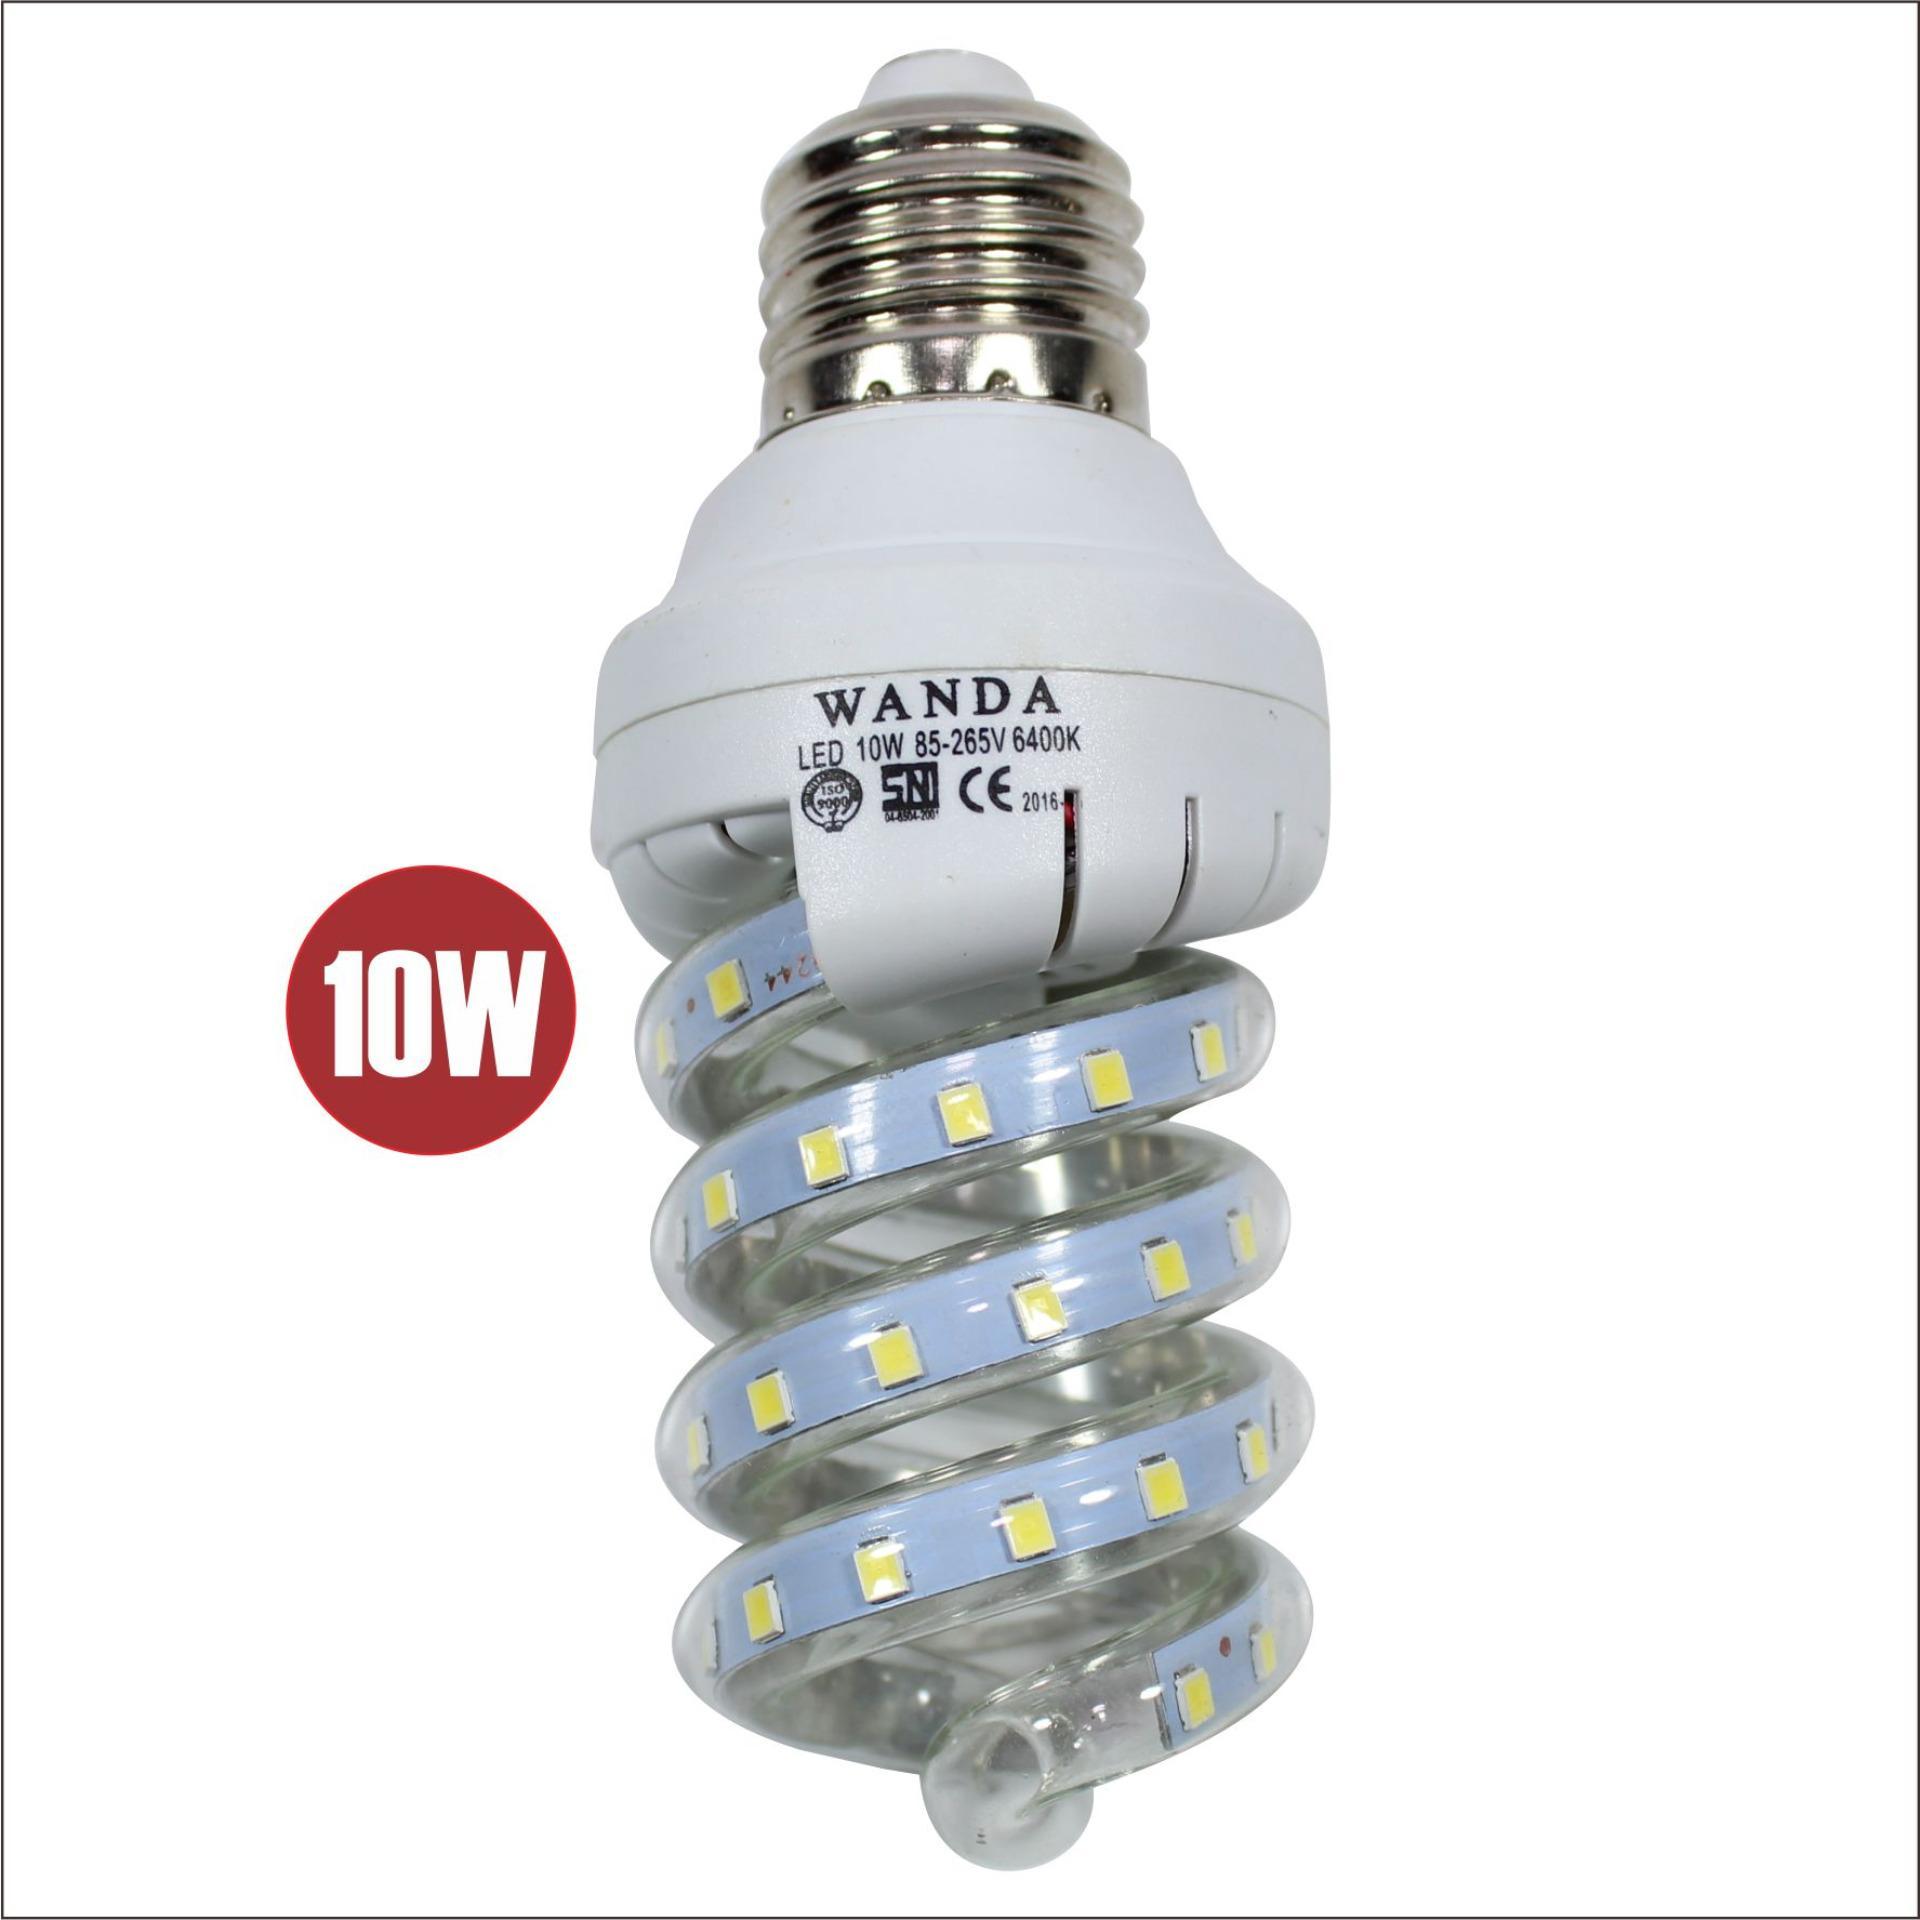 WEITECH Lampu Hemat Energi Transparan Spiral 10W